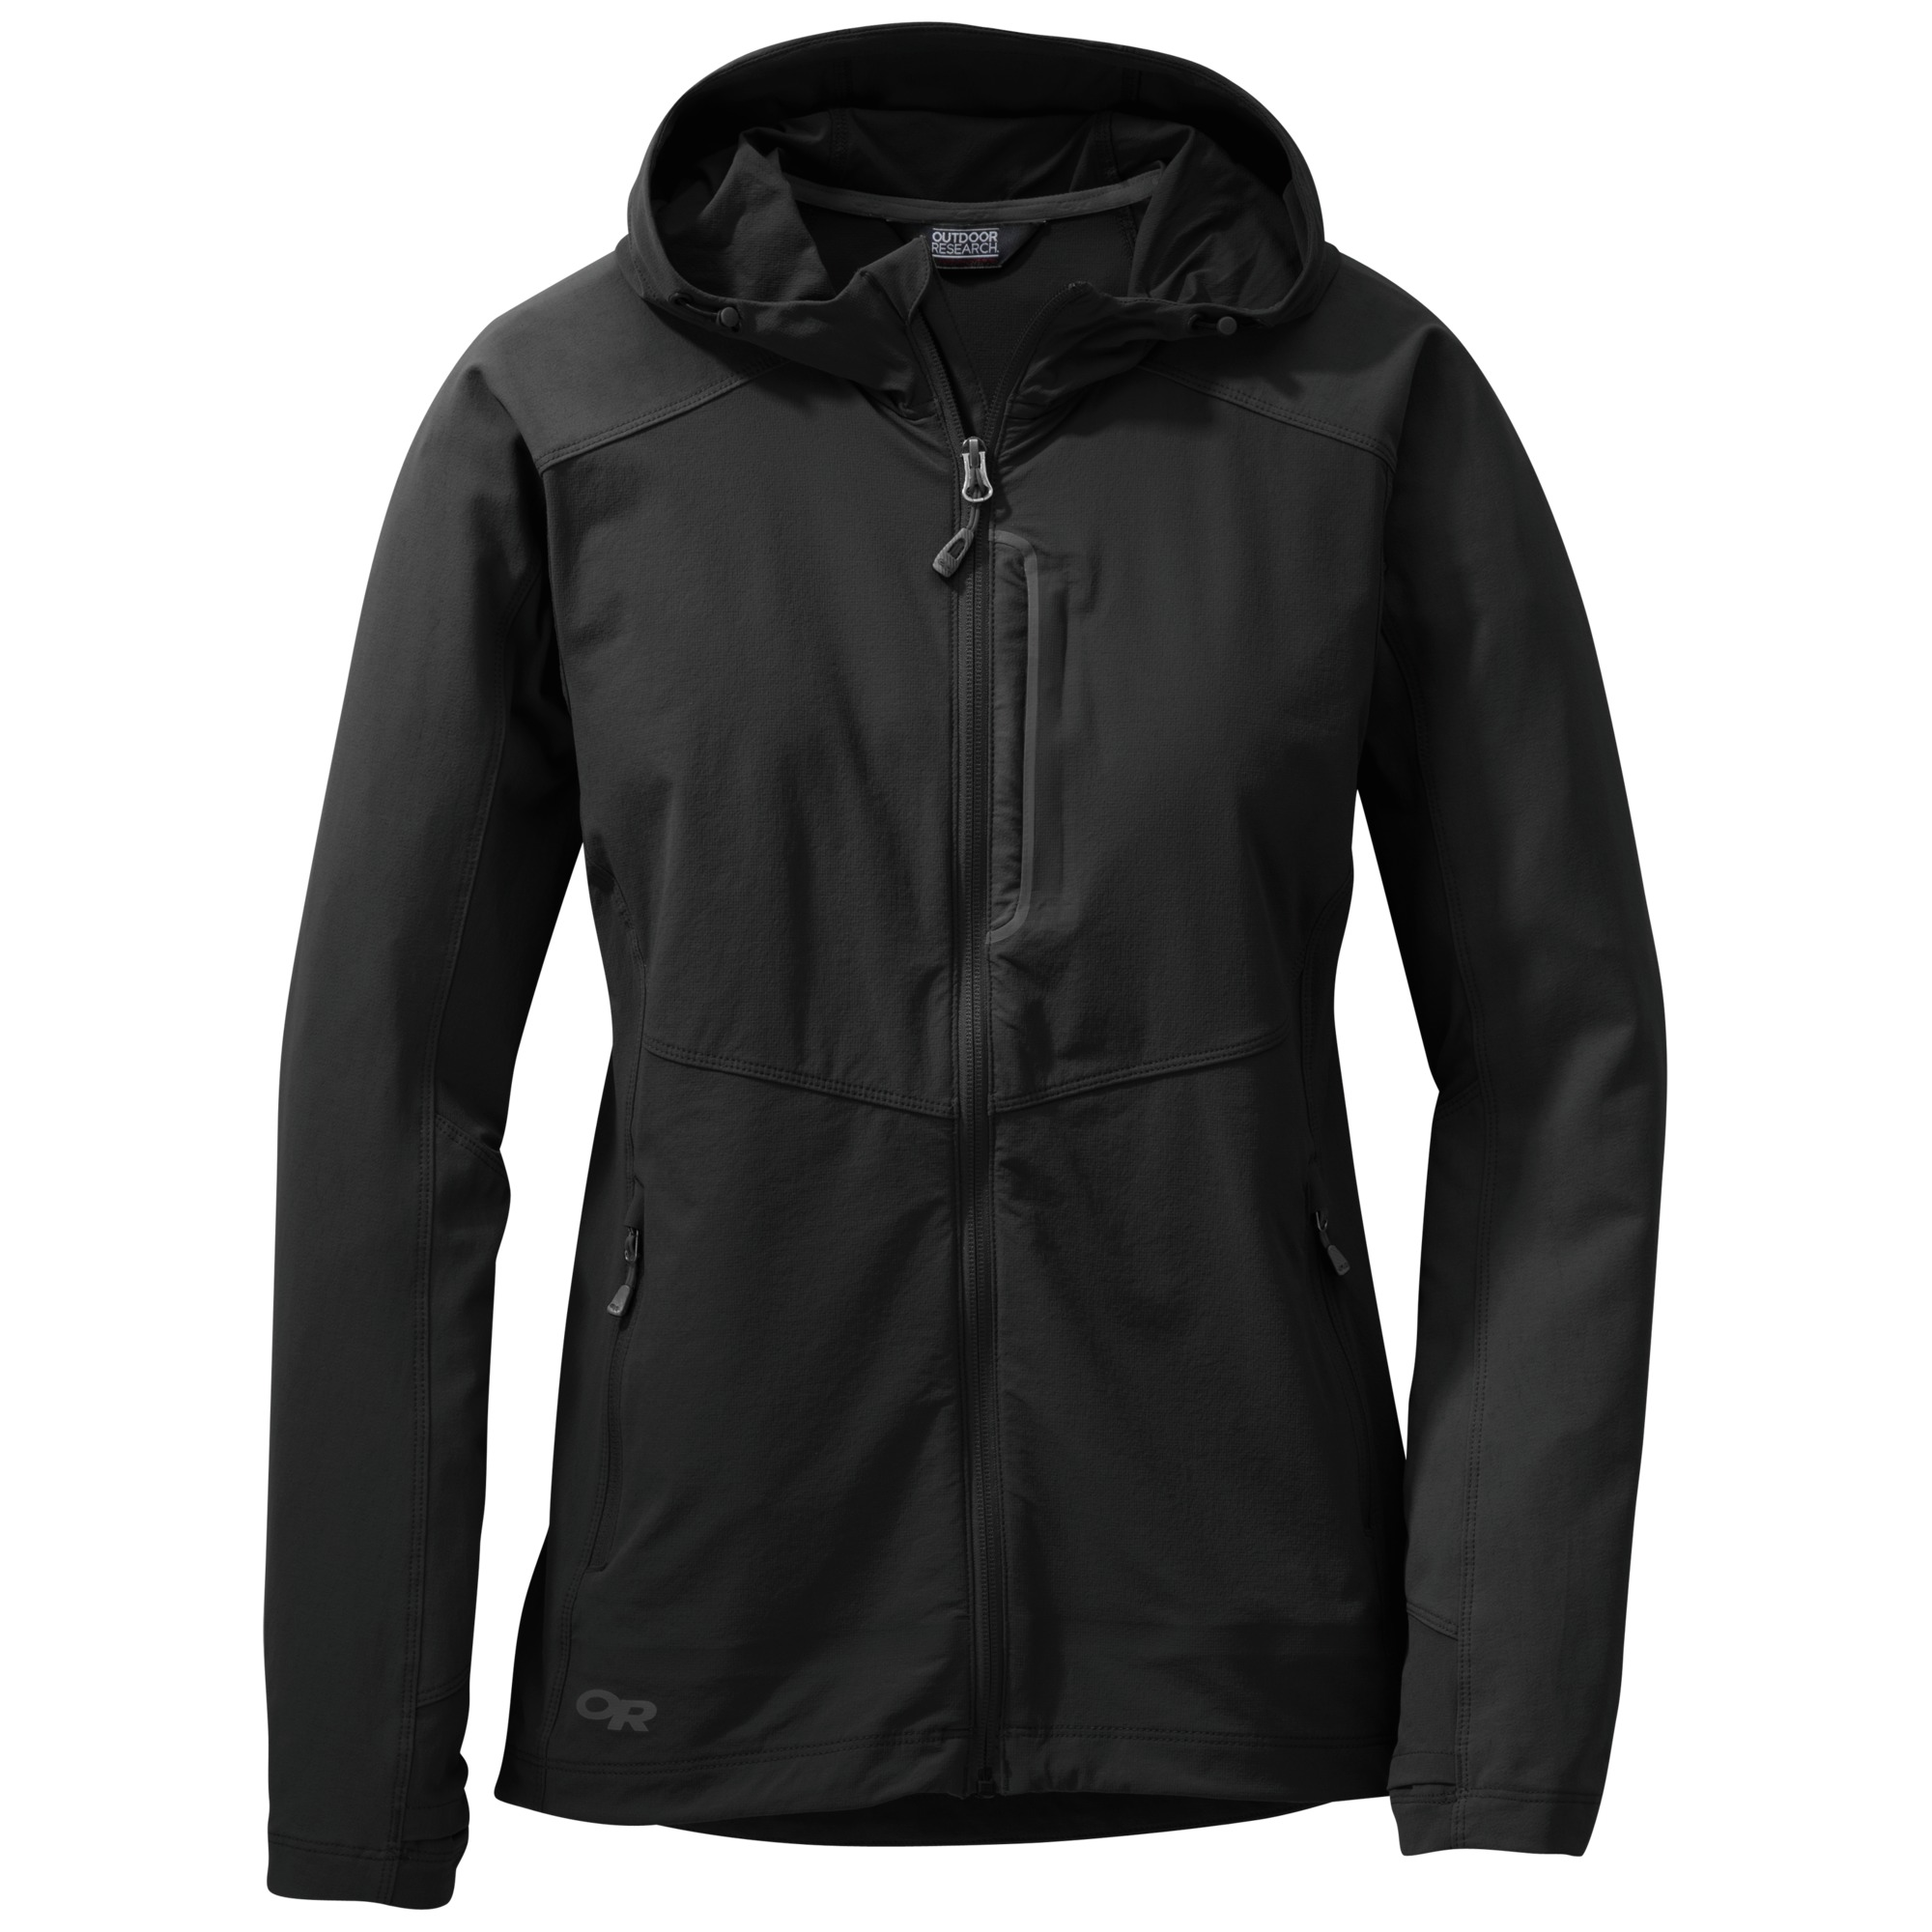 Outdoor Research Women's Ferrosi Hooded Jacket-black-XS - Gr. XS